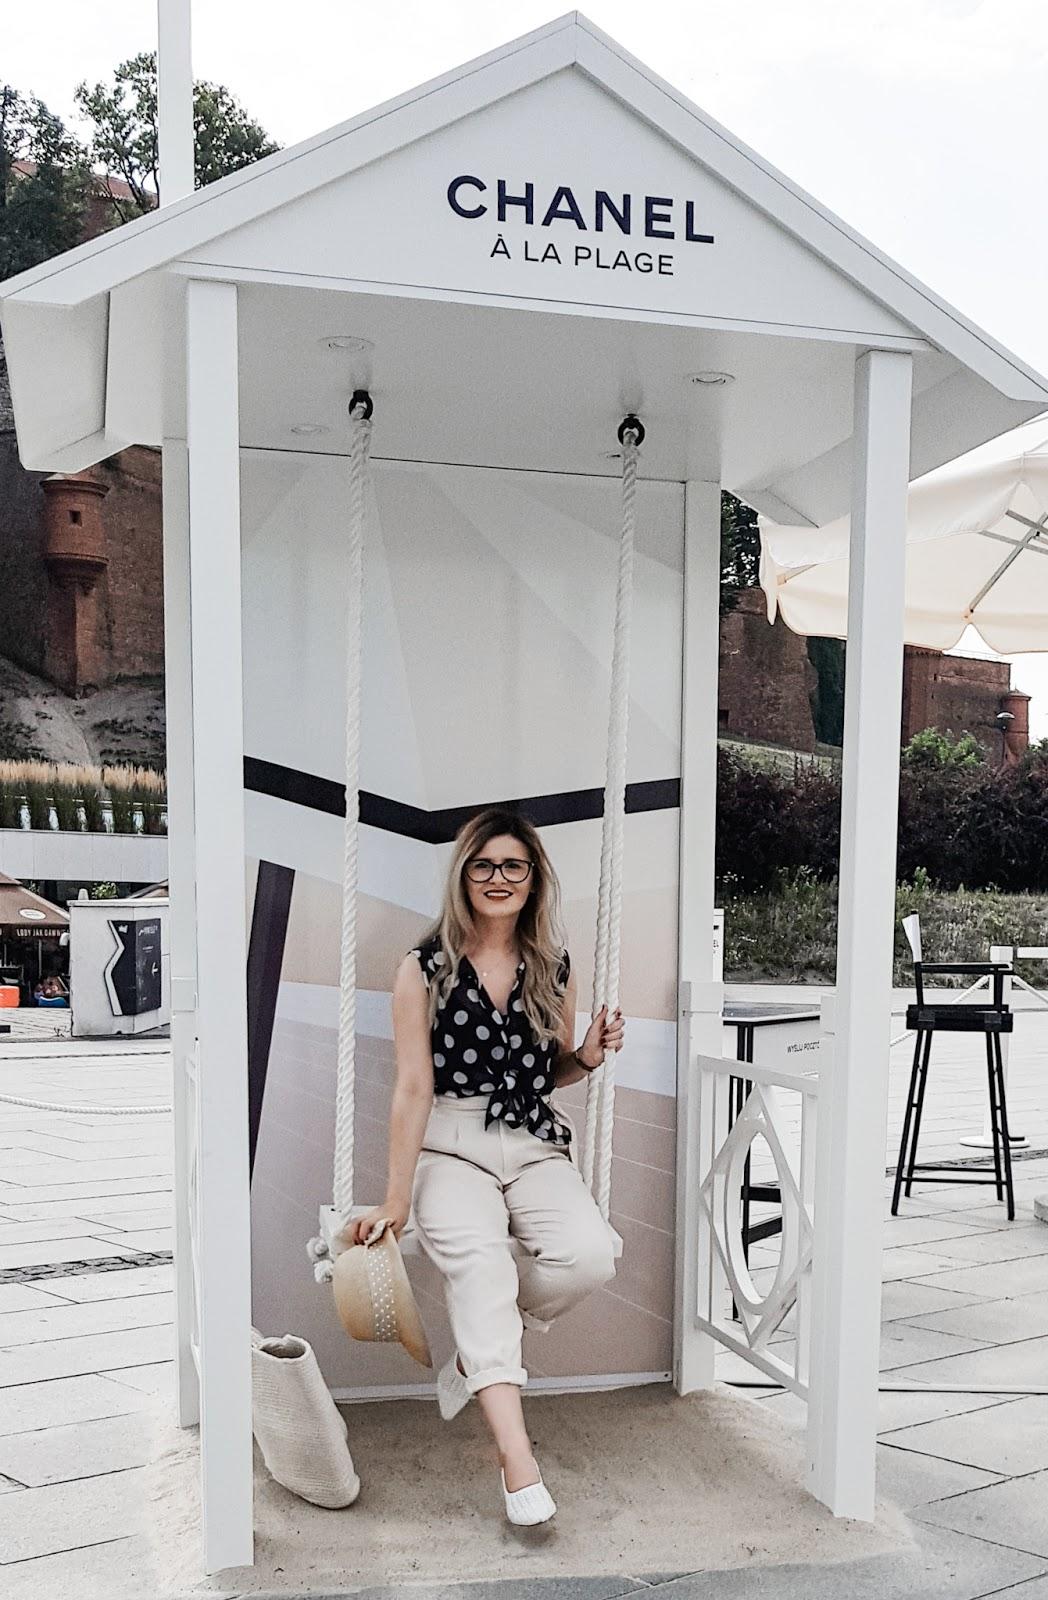 Chanel a la plage Warszawa